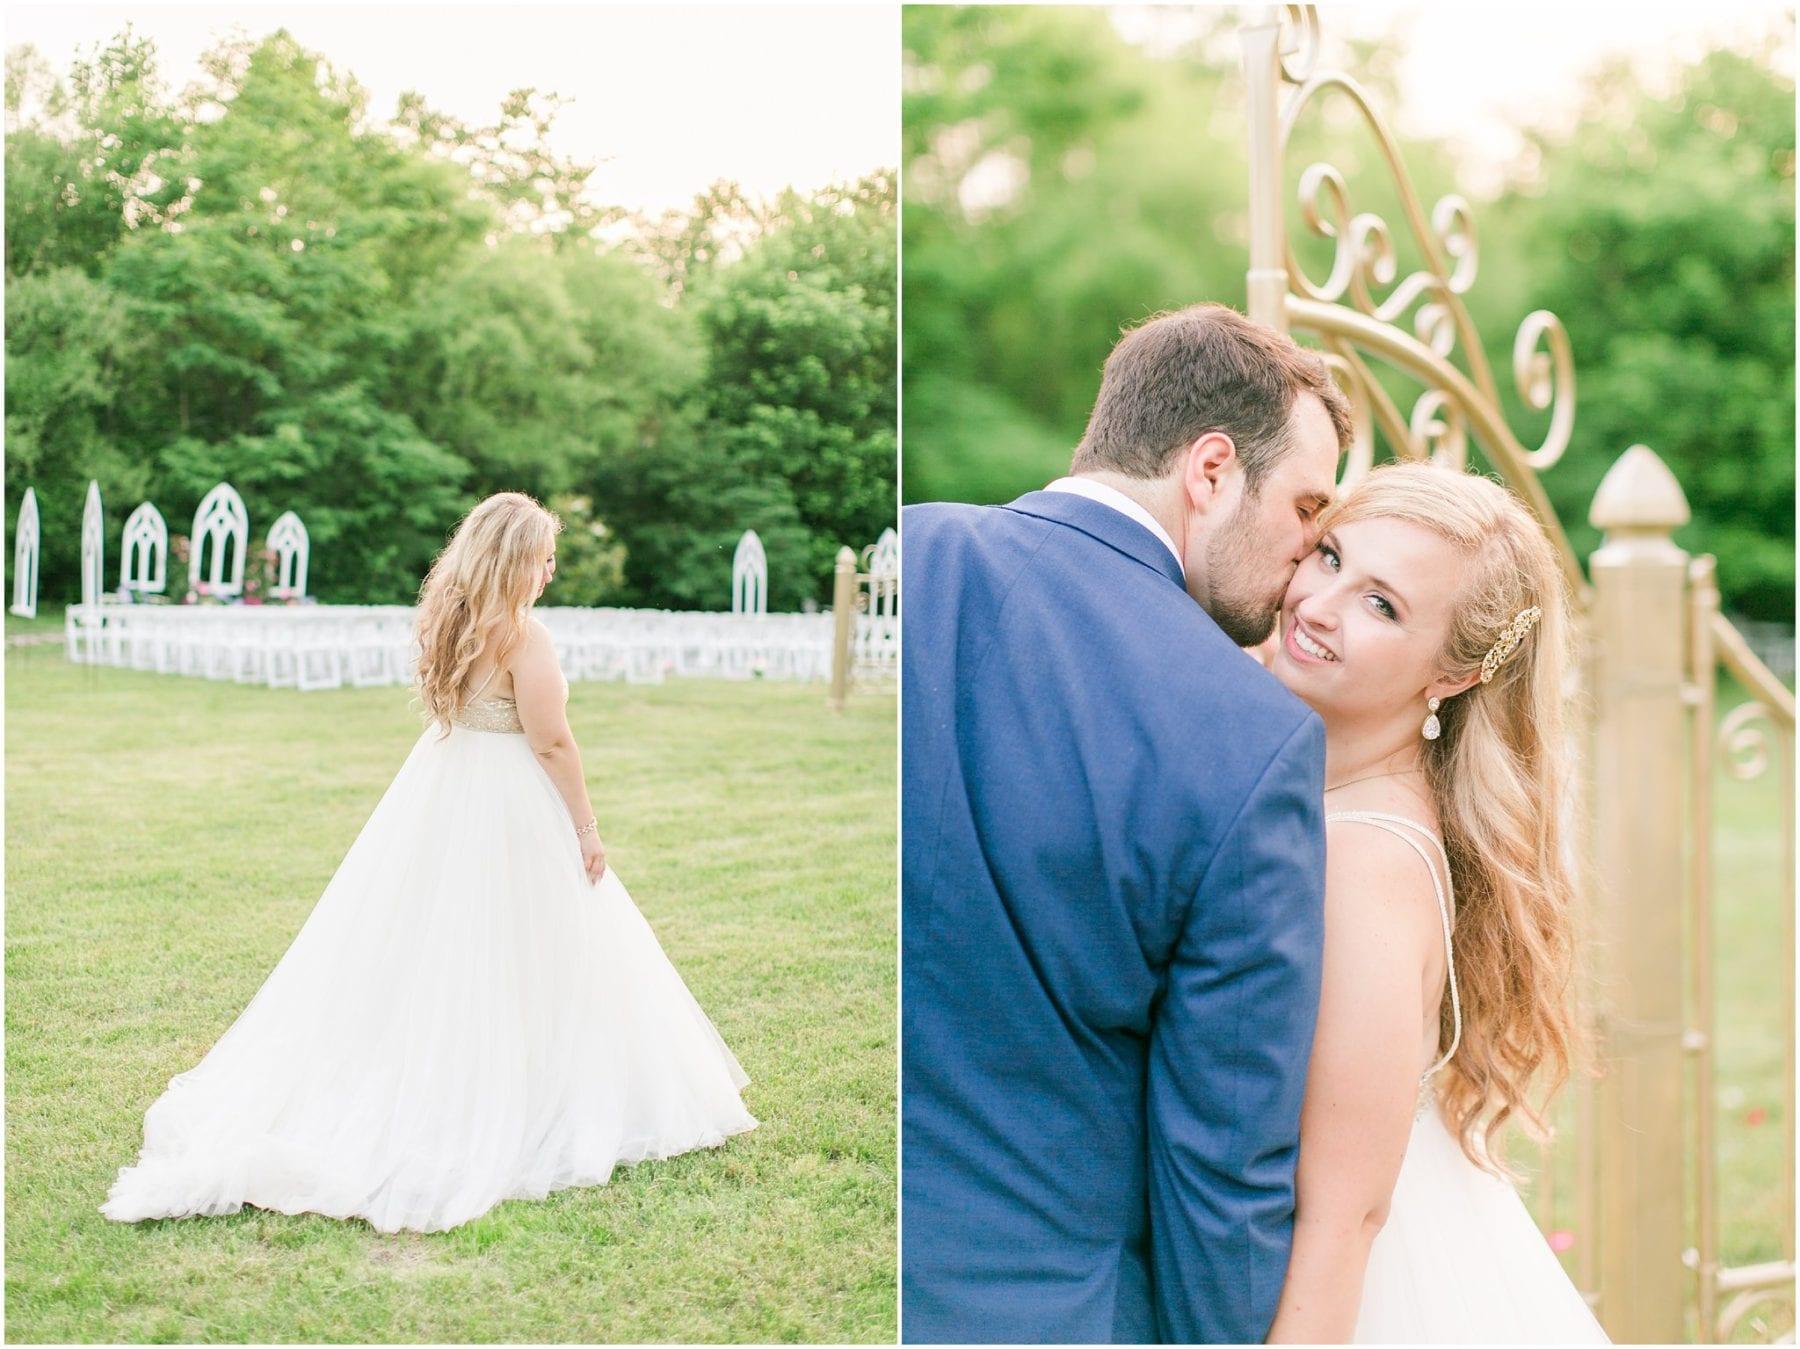 Maryland Backyard Wedding Photos Kelly & Zach Megan Kelsey Photography-281.jpg